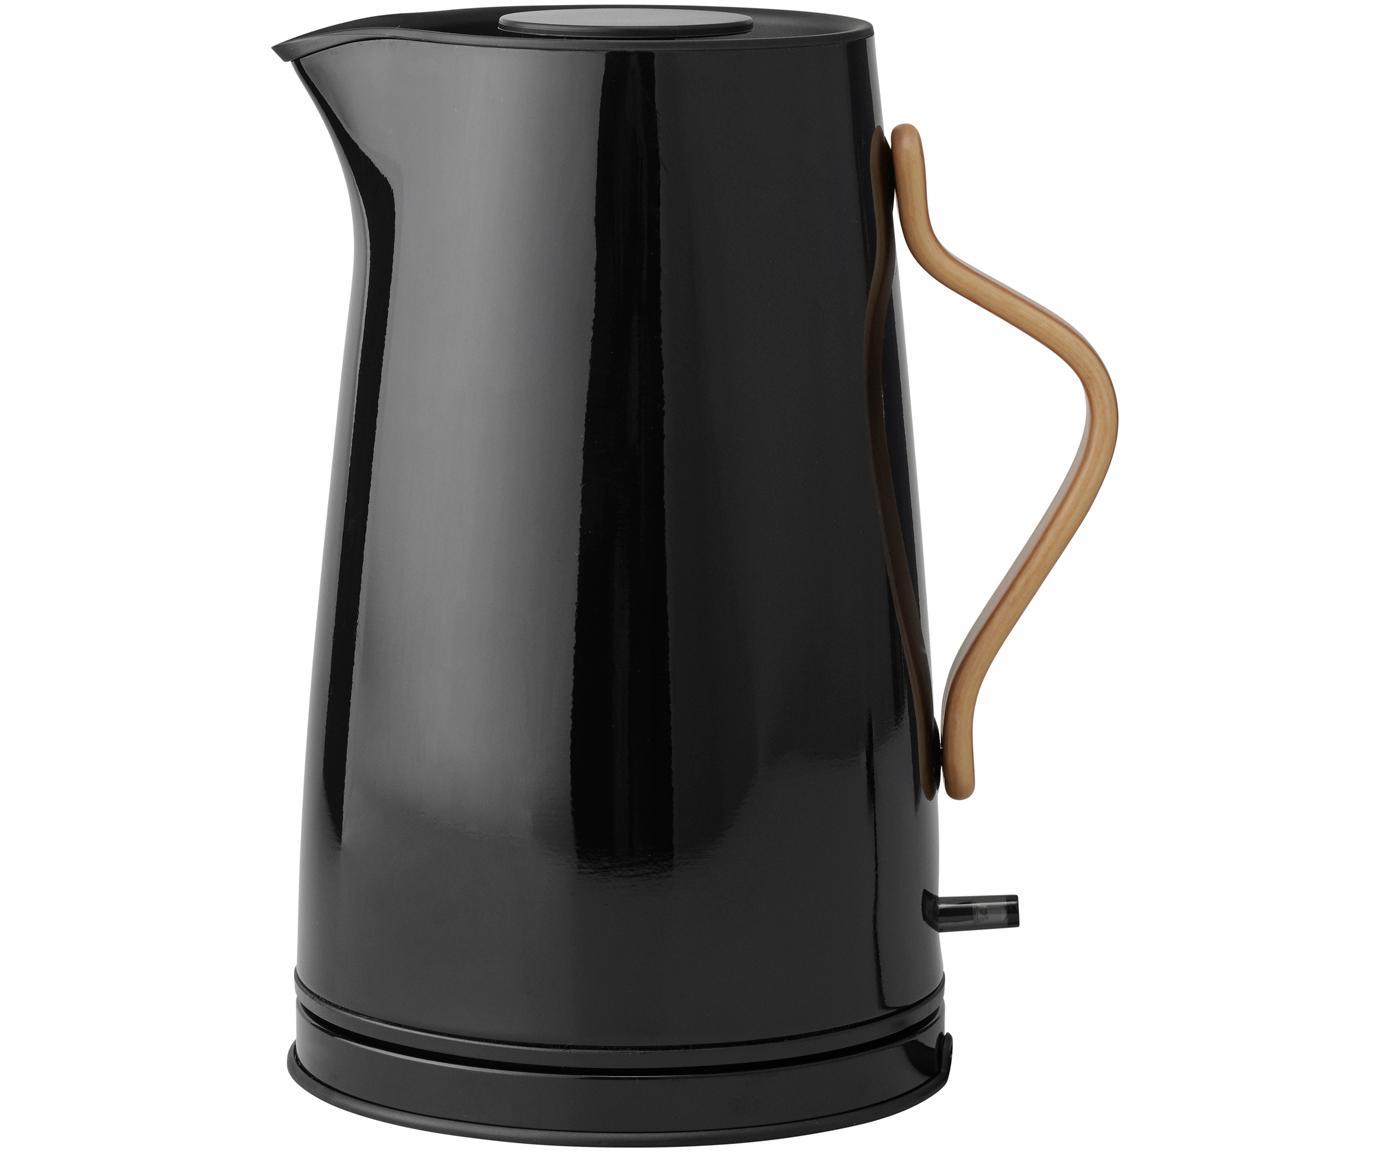 Wasserkocher Emma in Schwarz glänzend, Griff: Buchenholz, Schwarz, 1.2 L